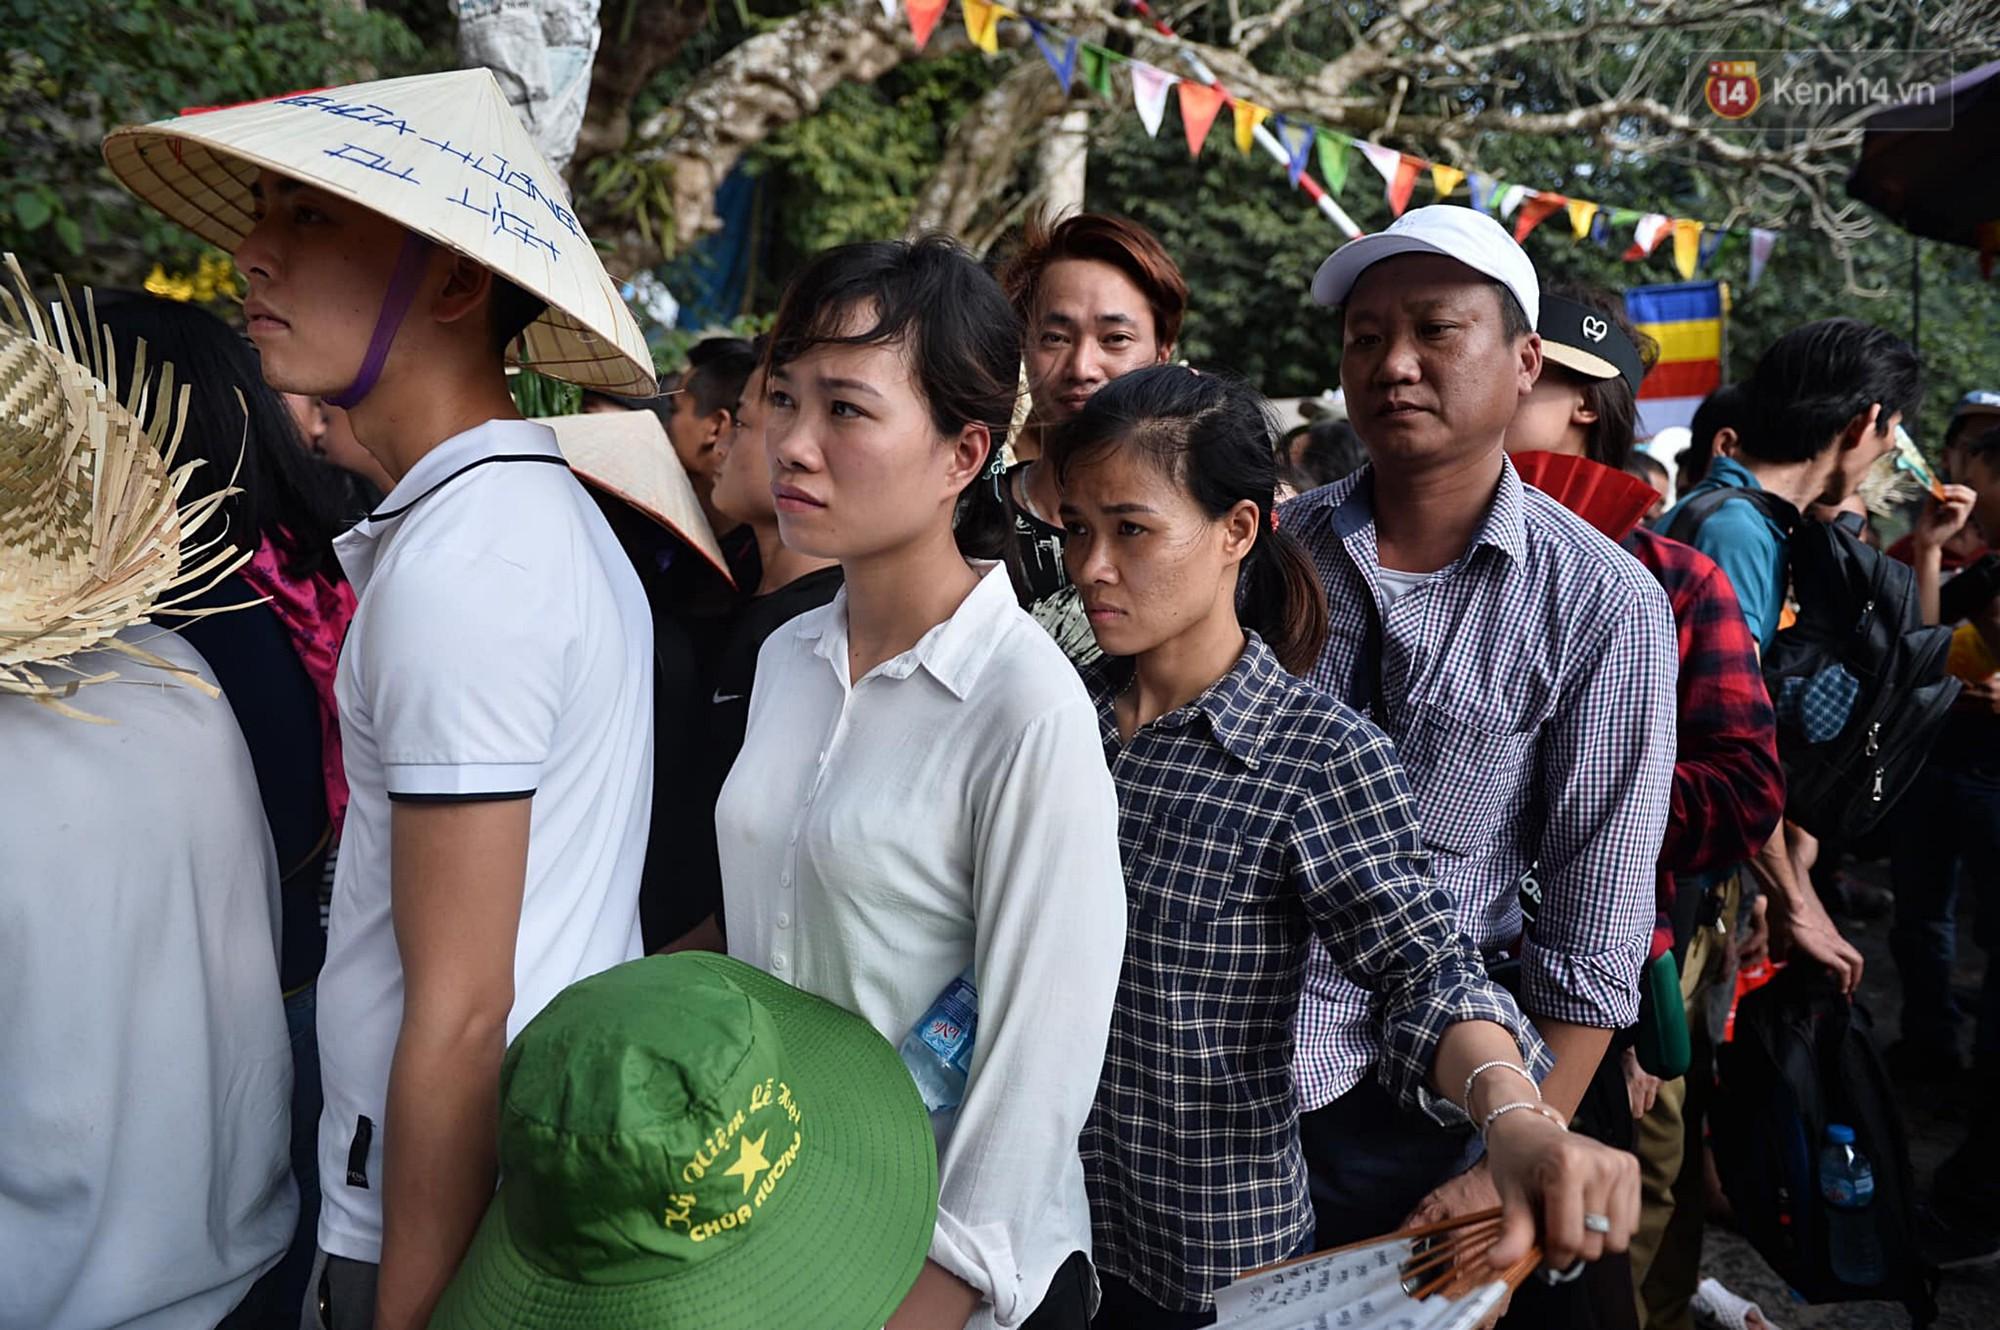 Gần 5 vạn du khách đổ về Chùa Hương trước một ngày khai hội - Ảnh 8.